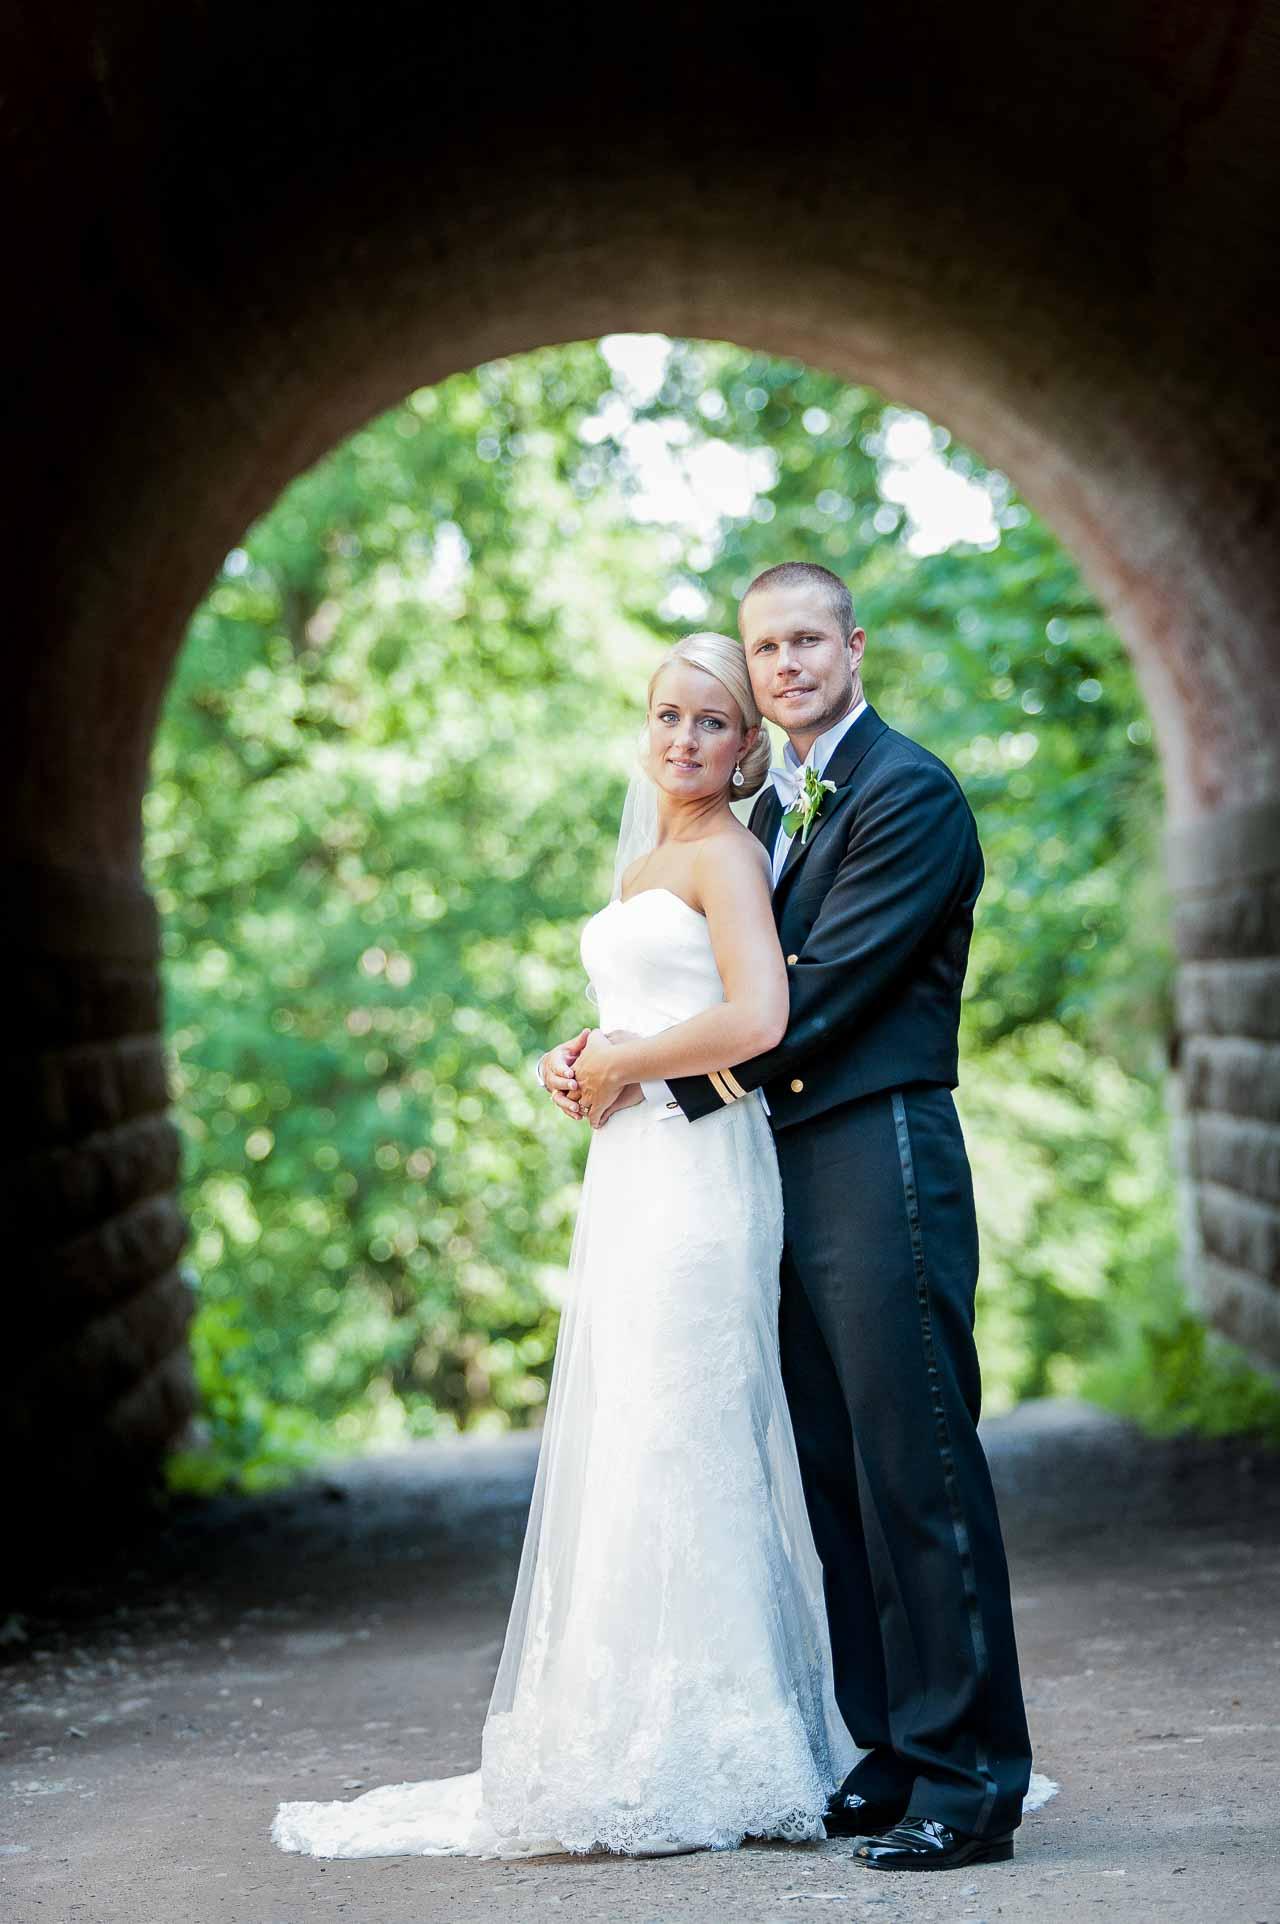 Smukke bryllupsfotografier